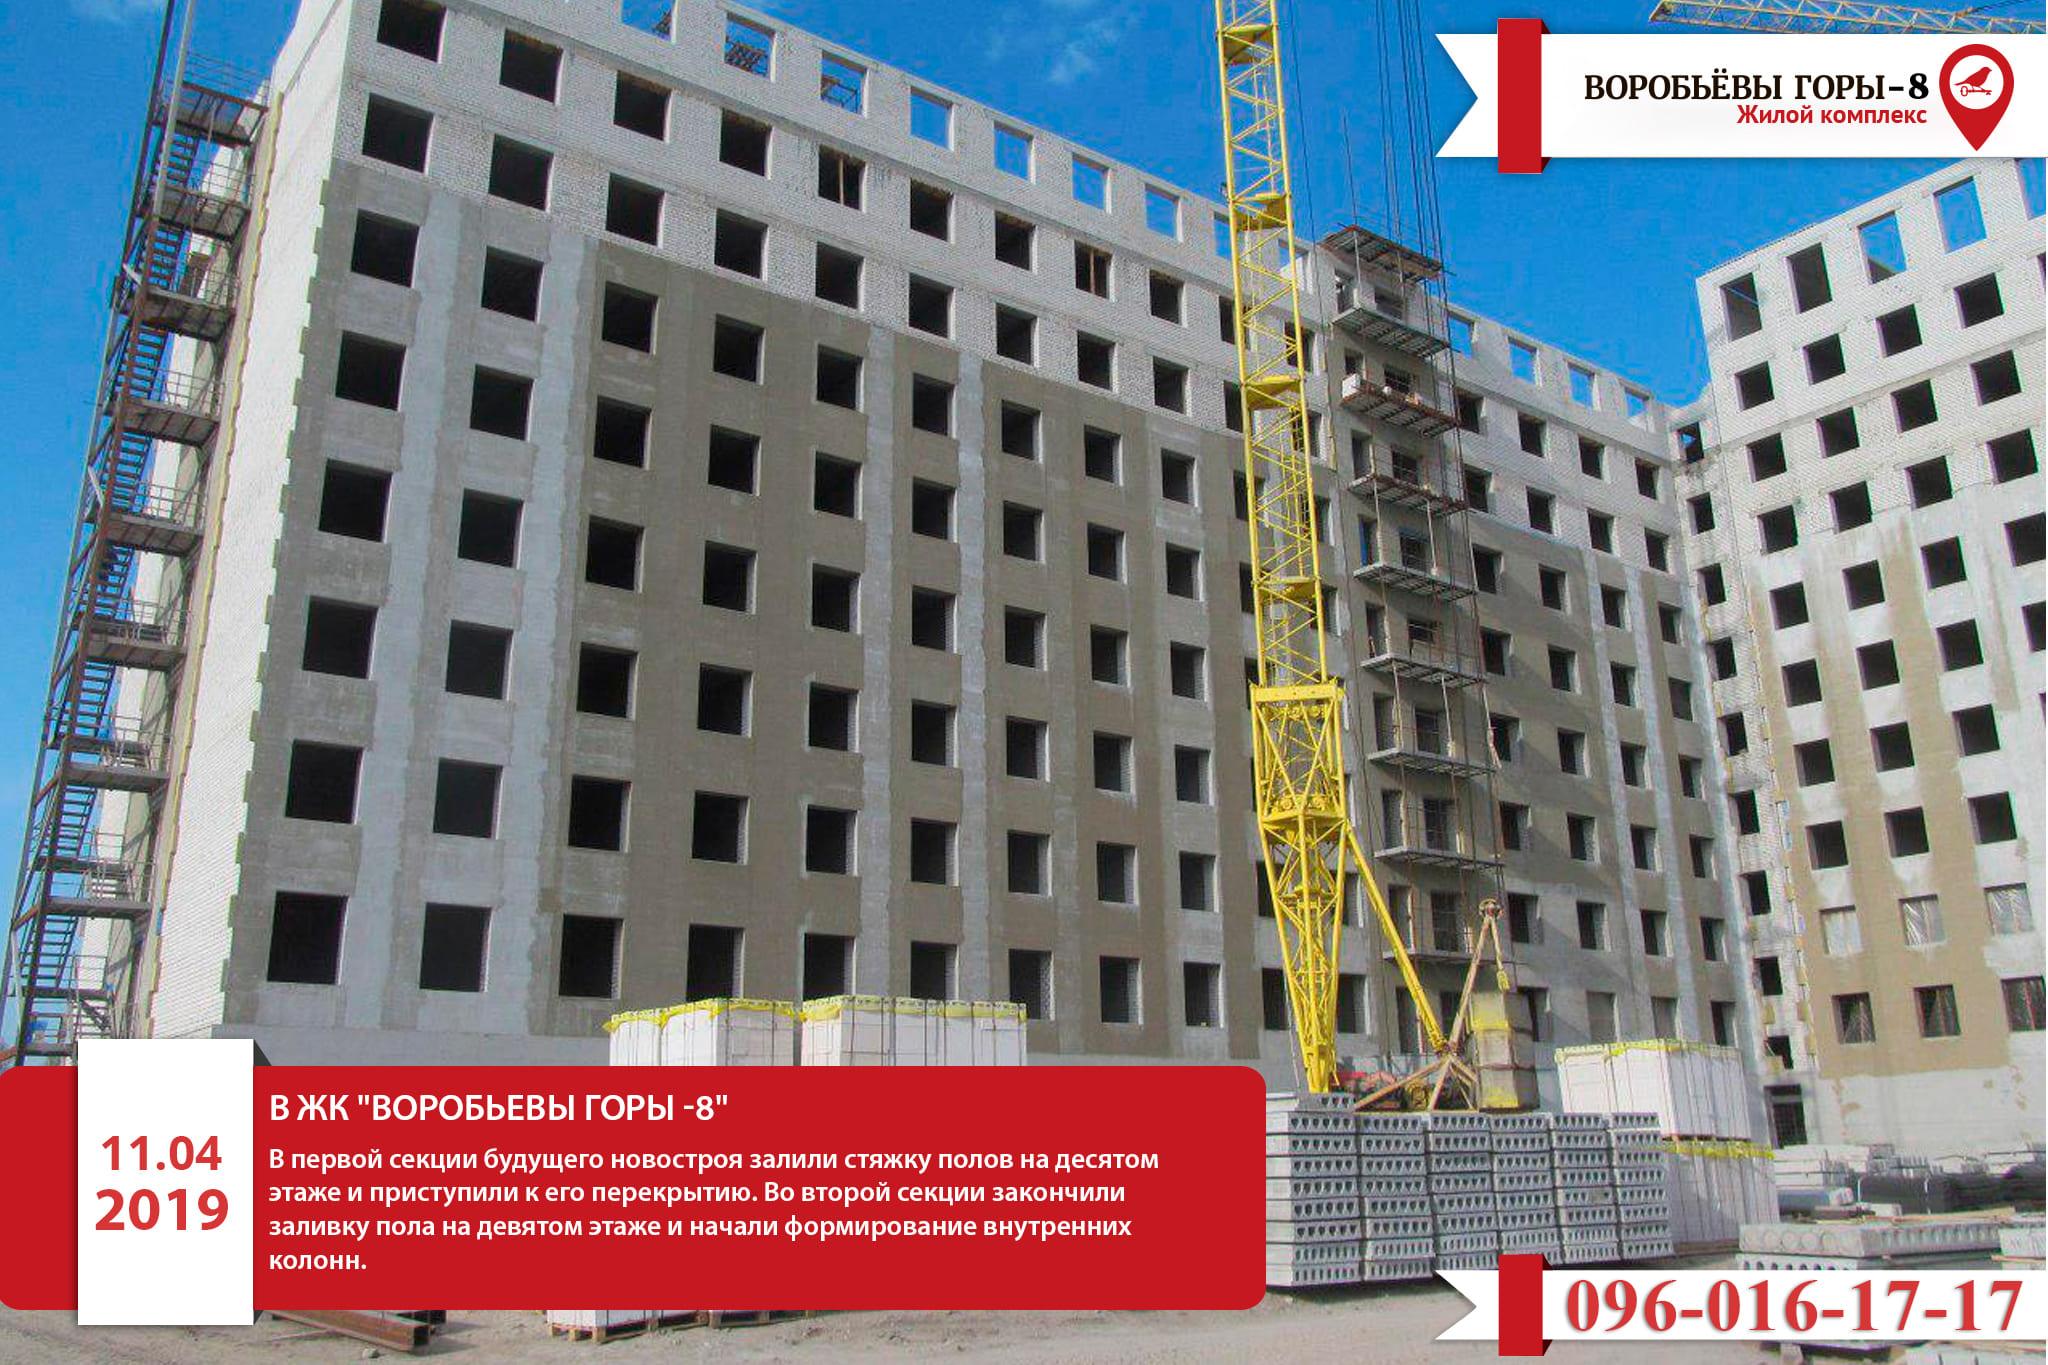 Восьмой комплекс жилого квартала «Воробьевы Горы» продолжает строиться!